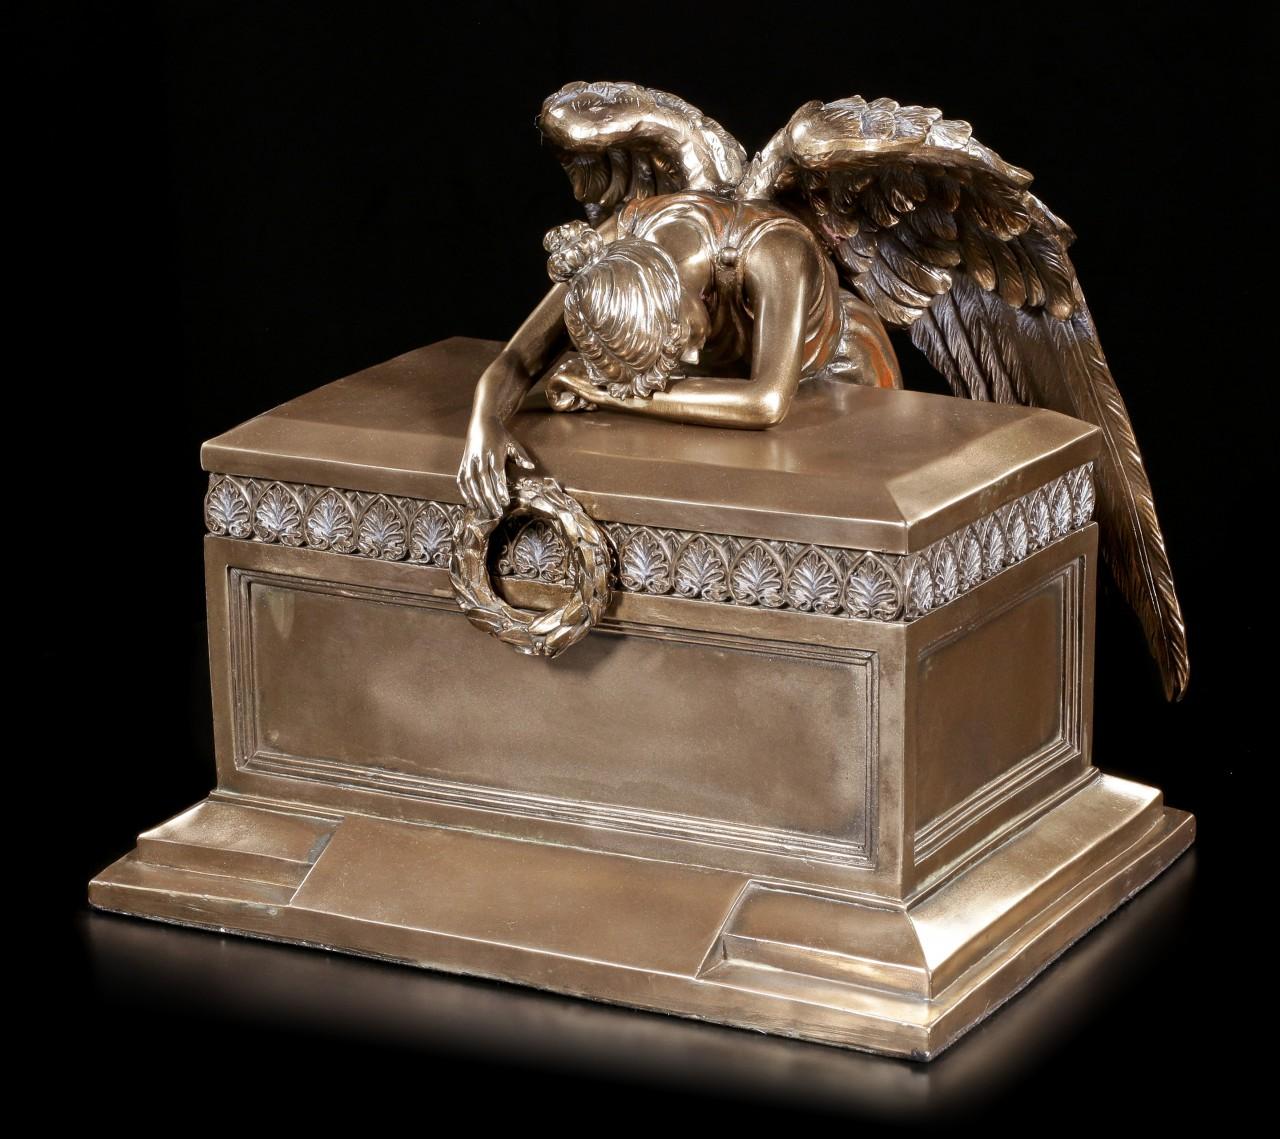 Tier Urne - Trauernder Engel